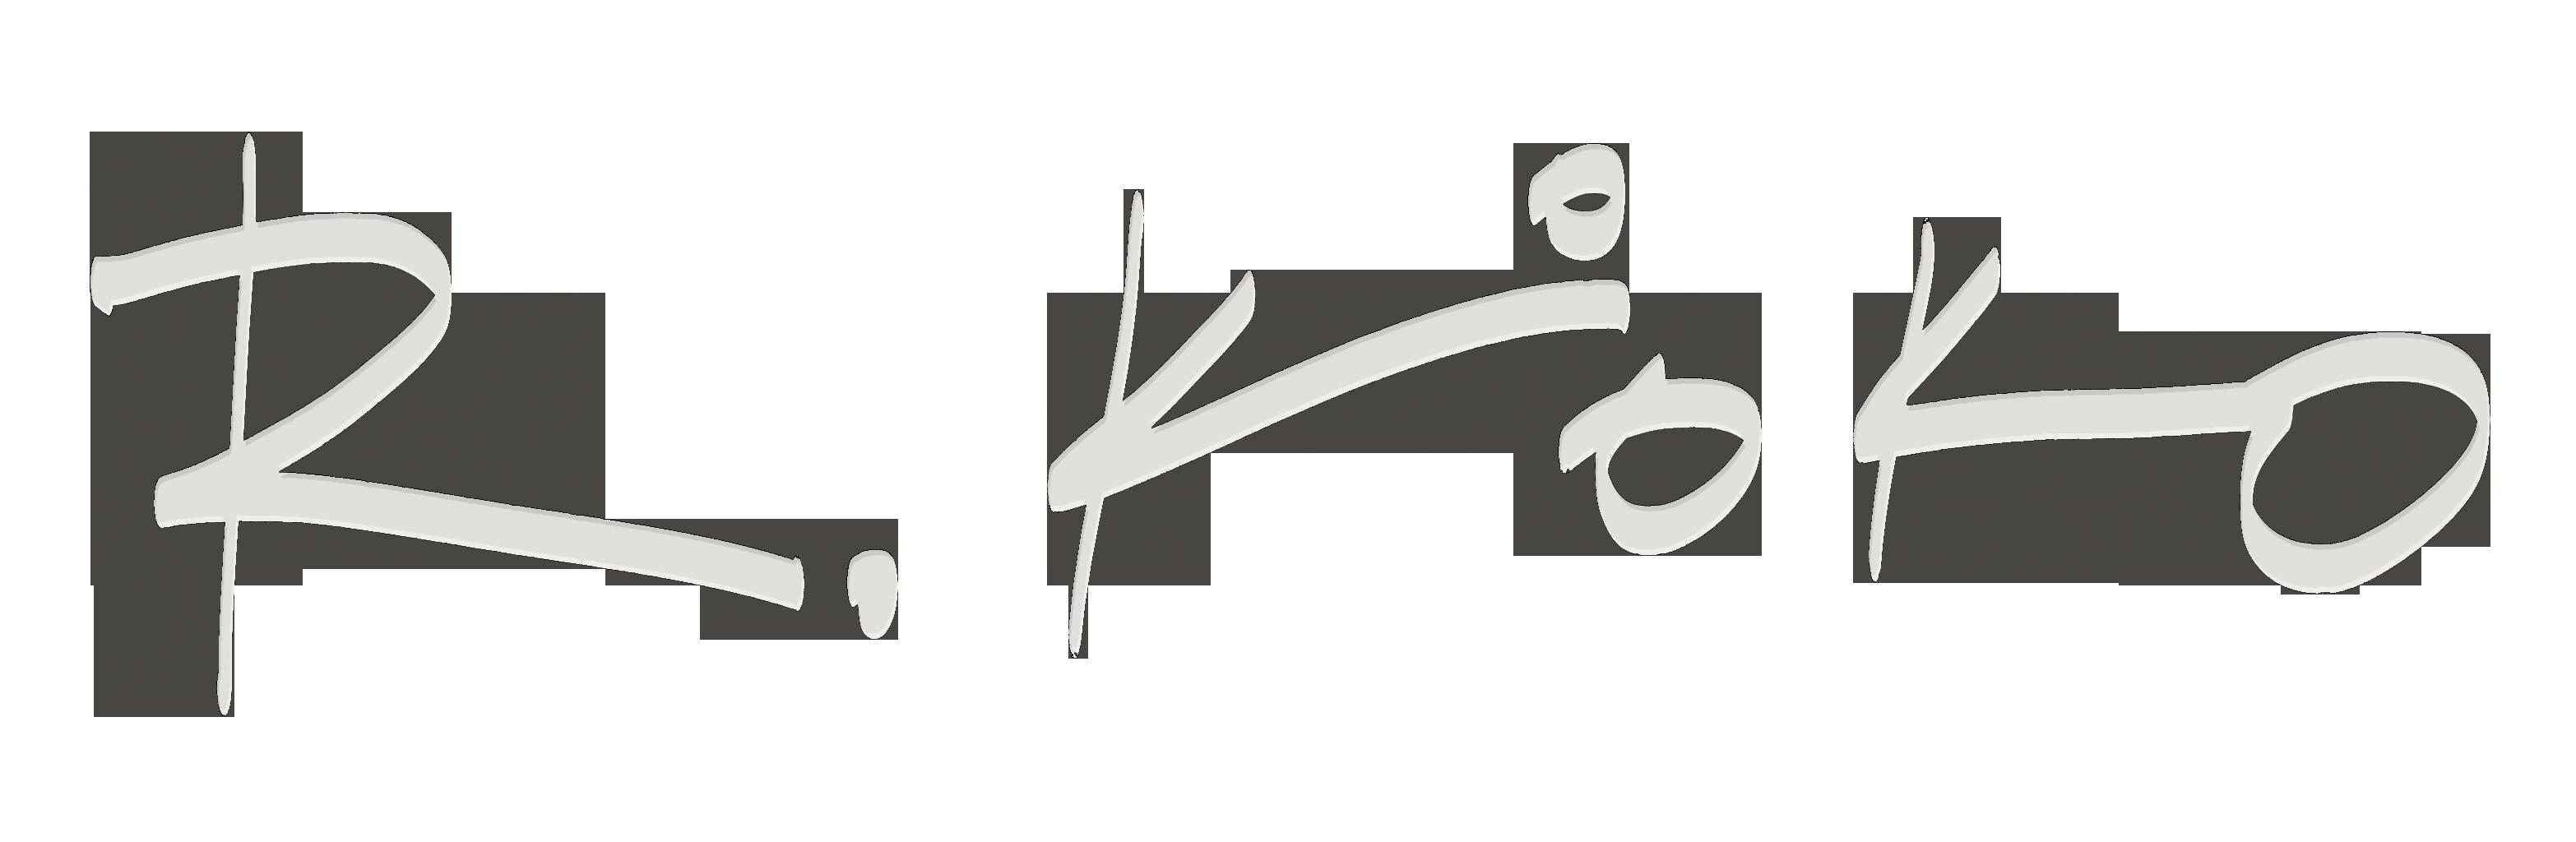 Regina Kioko Ikeda Ferretti Signature